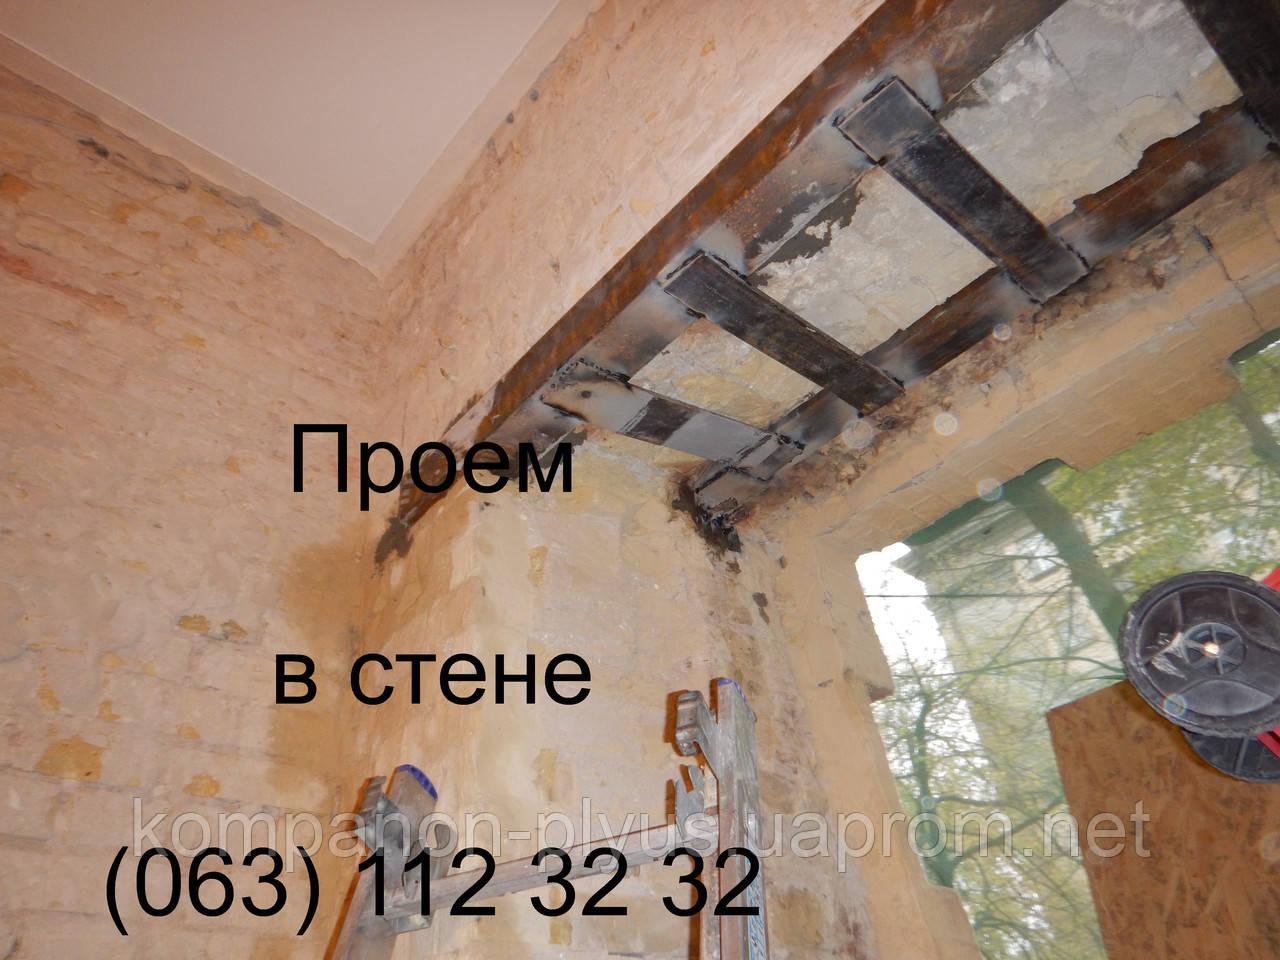 Отвір в стіні (063) 112 32 32